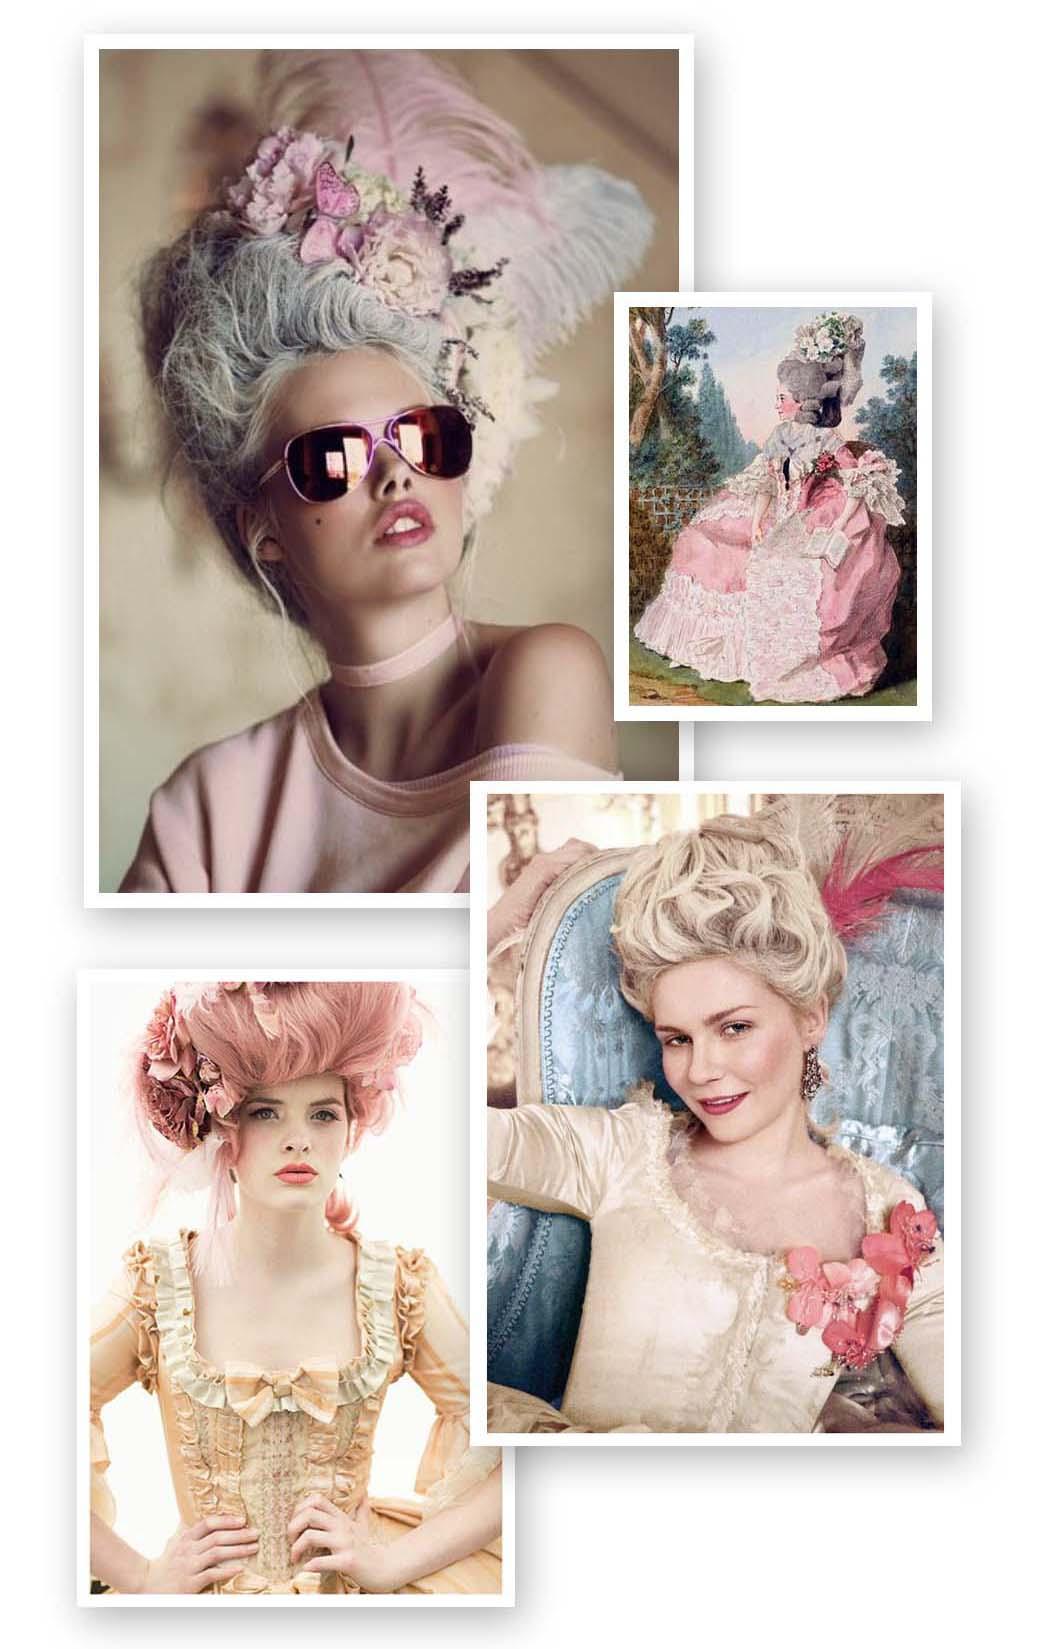 #18thcentury #pink #marieantoinettestyle #pinkhair